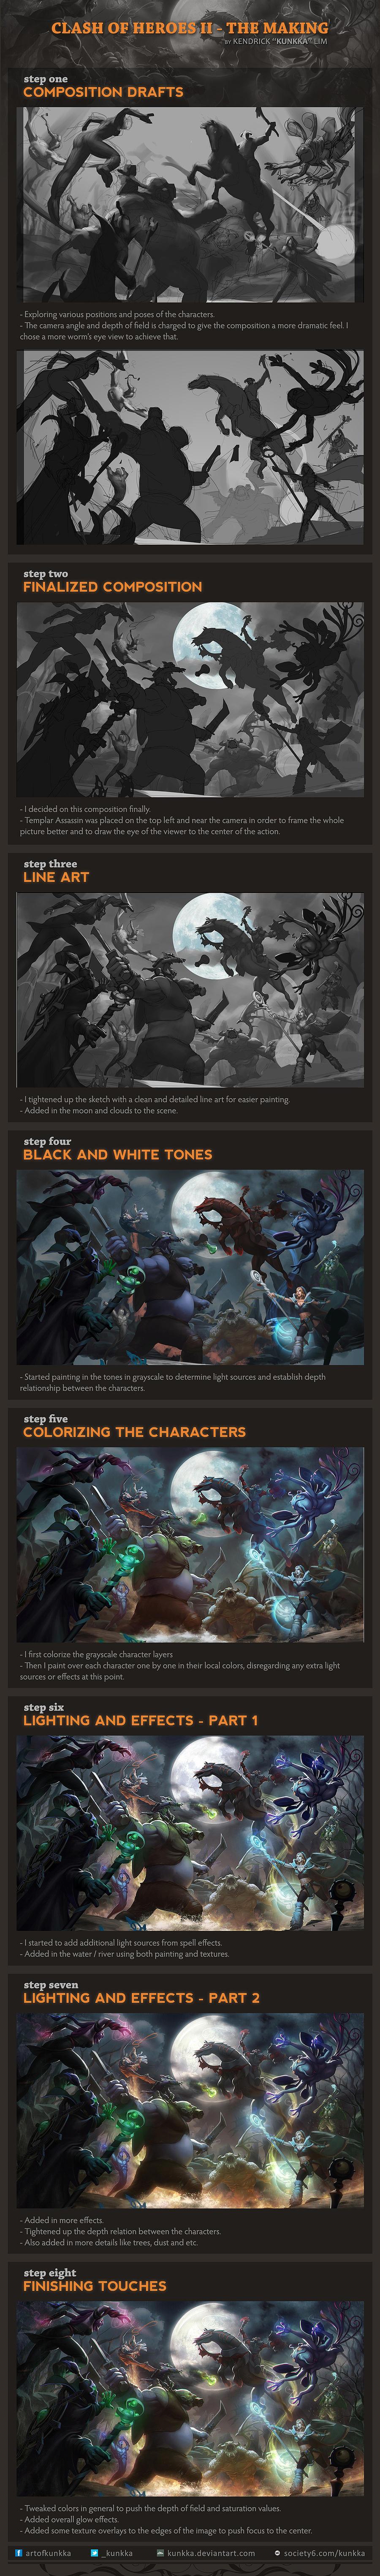 Clash of Heroes II step-by-step